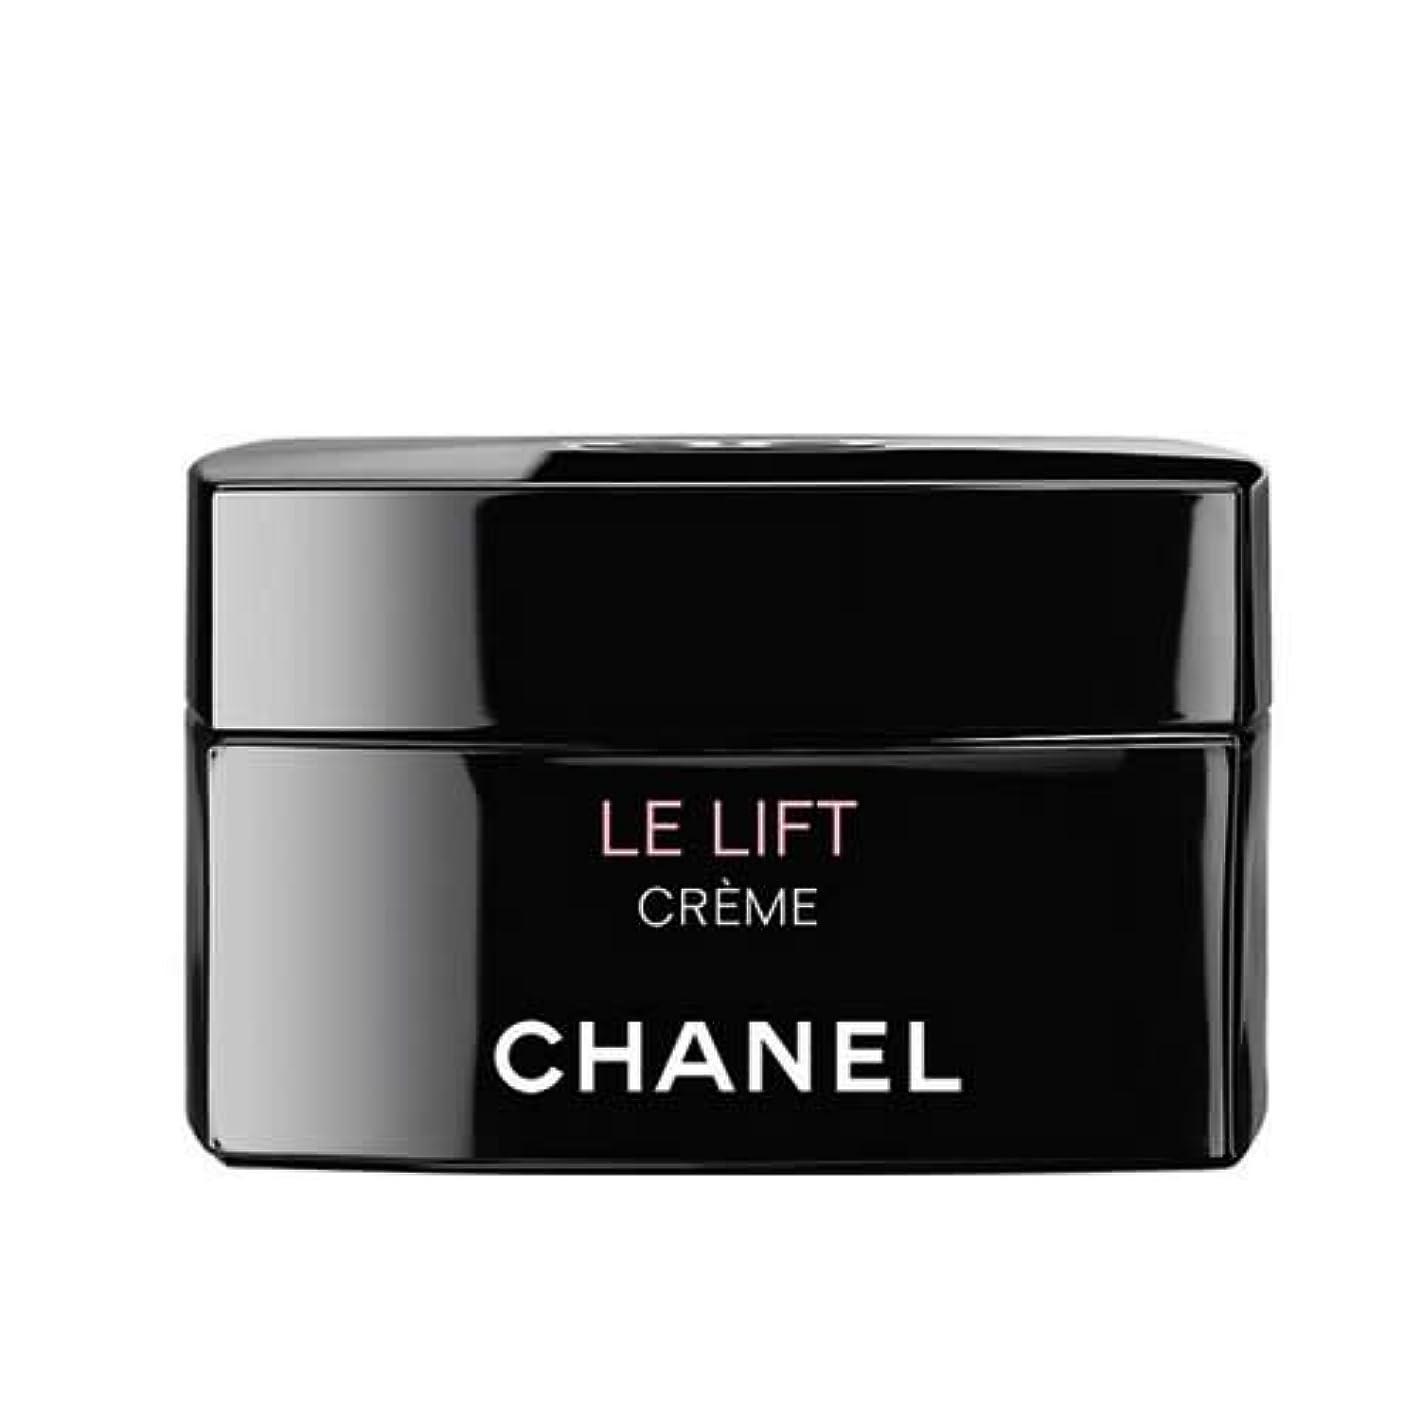 シャネル(CHANEL) LE L クレーム 50g (クリーム)[並行輸入品]